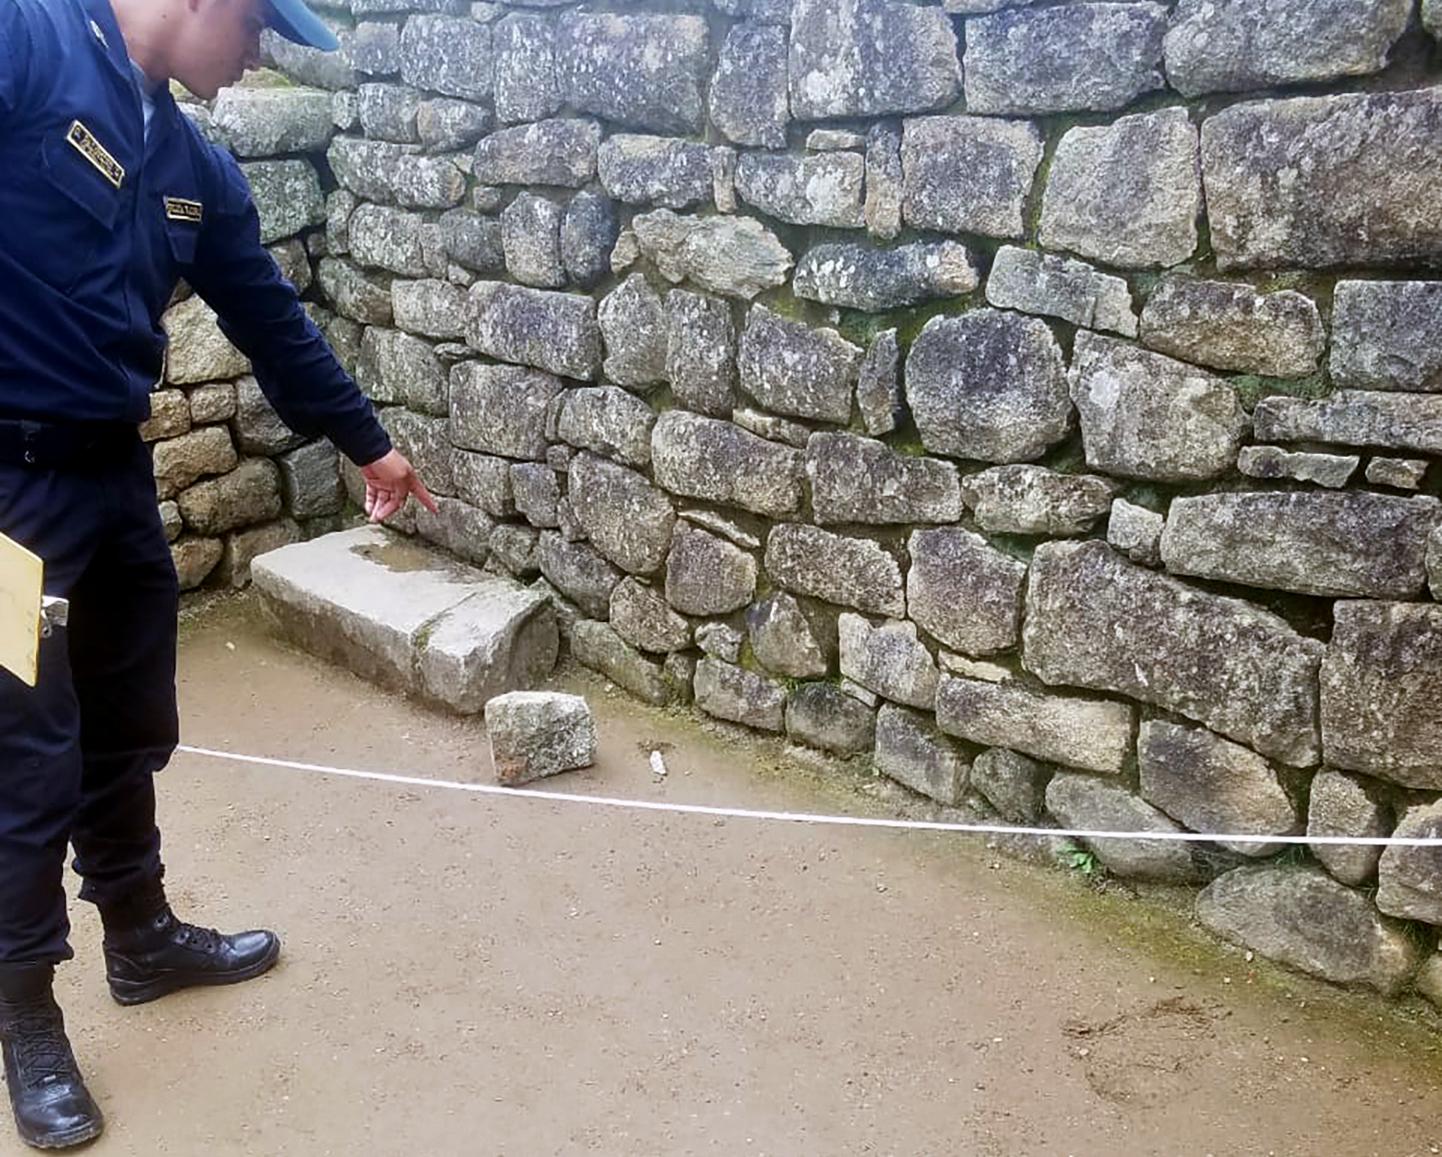 태양의 신전 내에서 떨어진 돌 파편 가리키는 경찰. [AFP=연합뉴스]